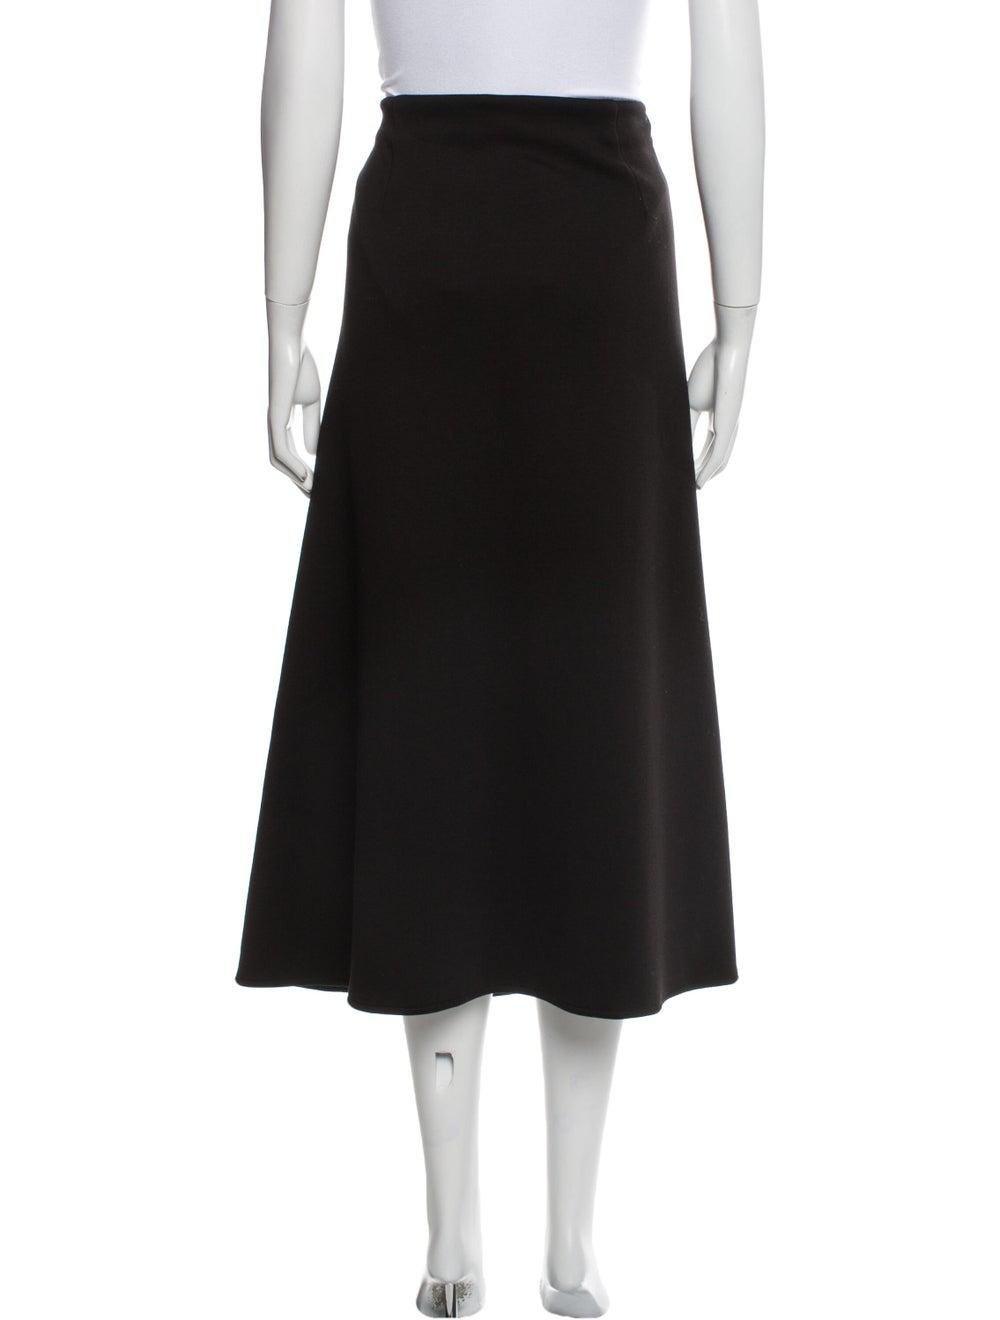 Beaufille Midi Length Skirt Black - image 3